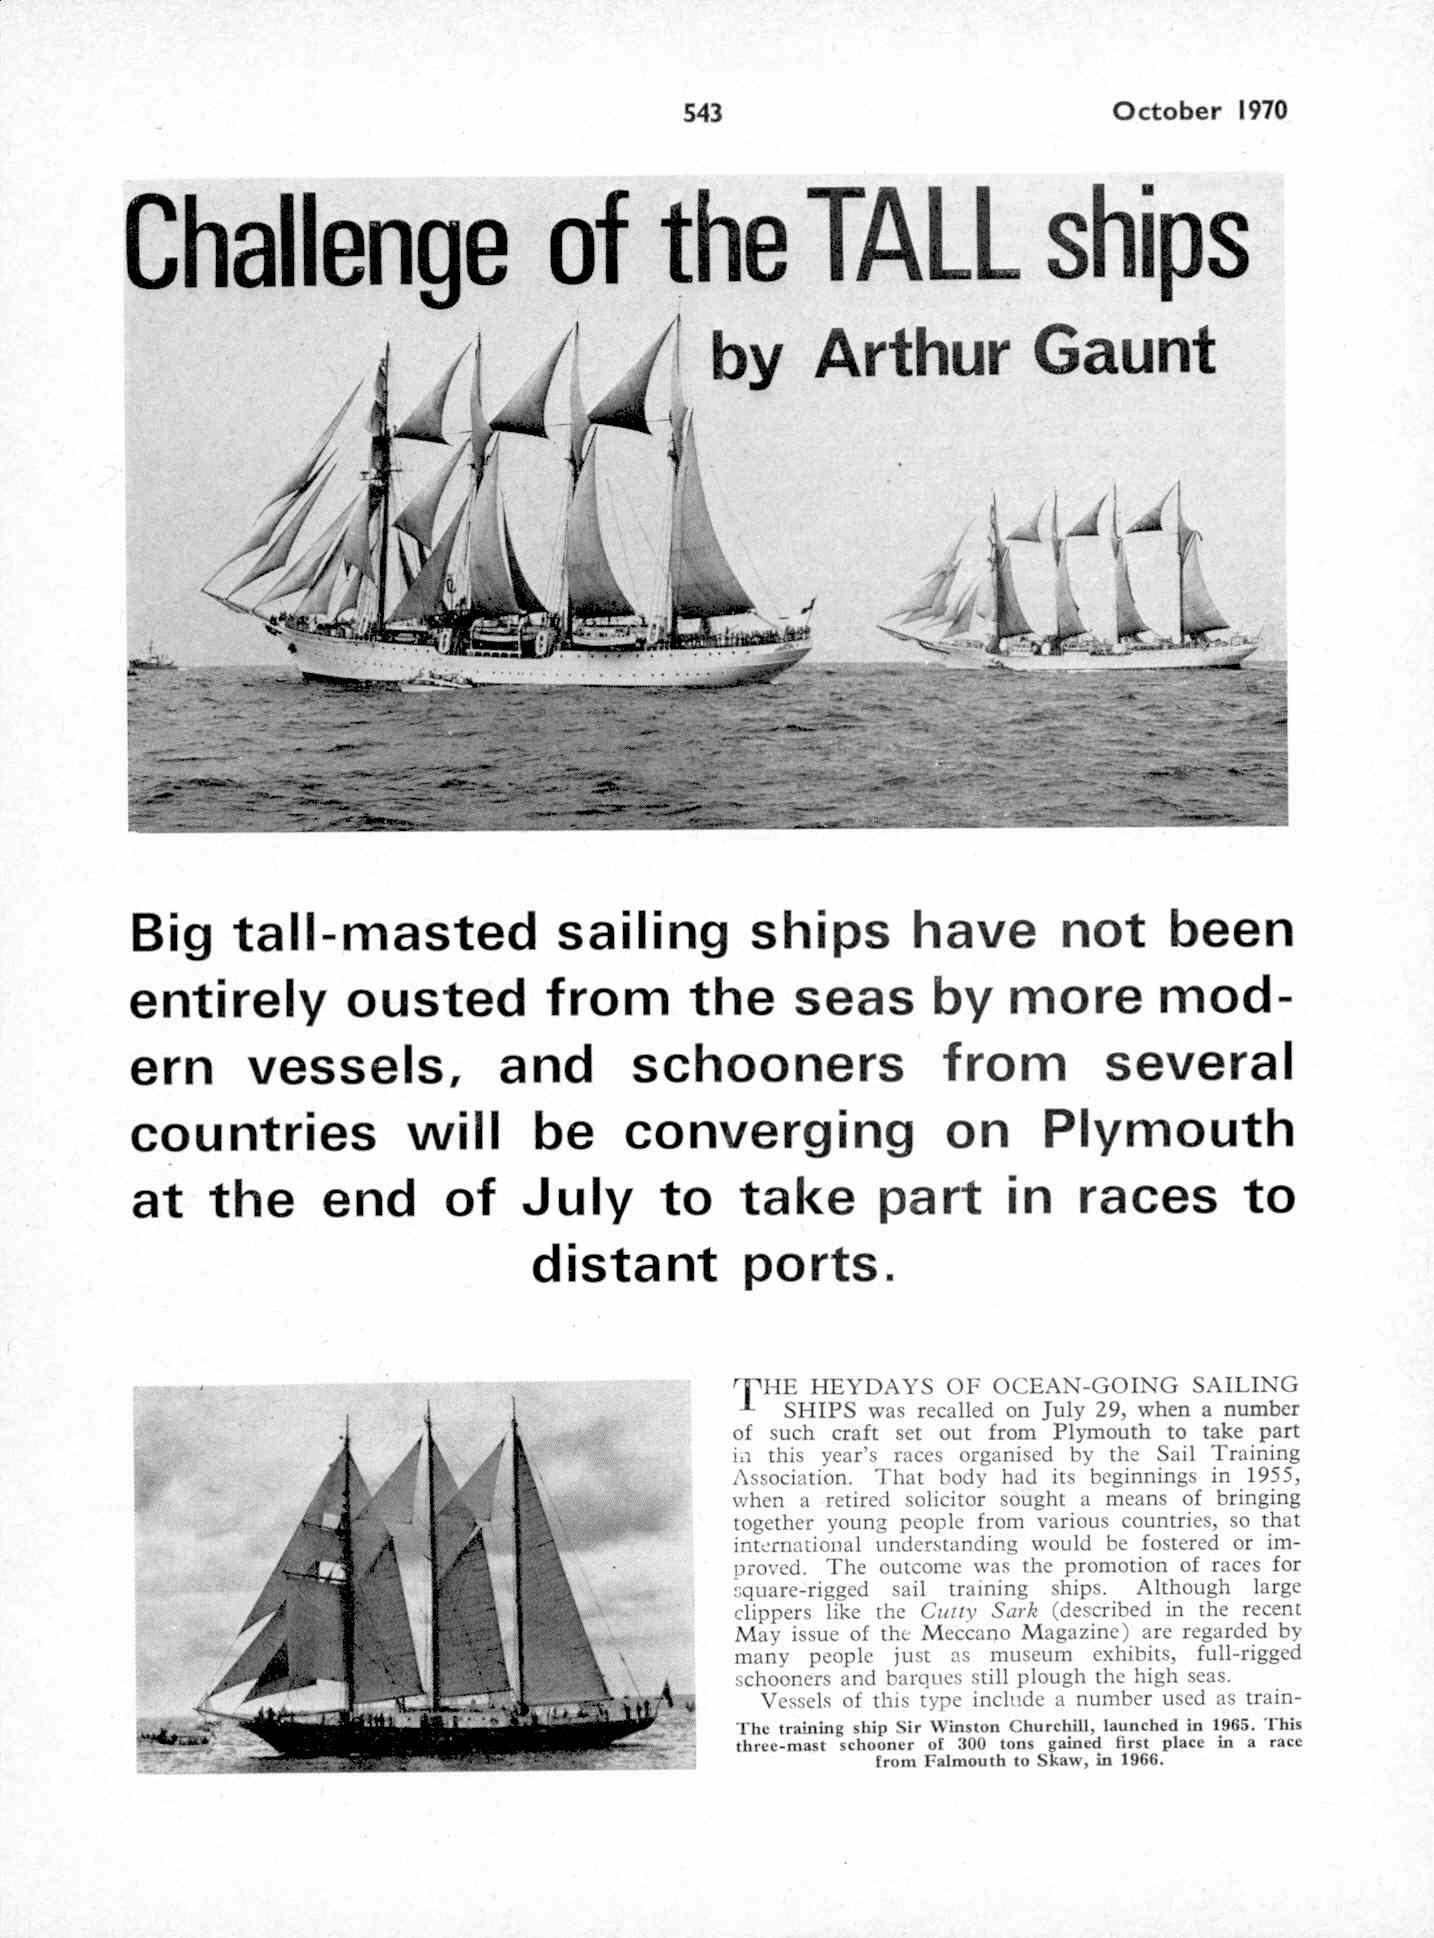 UK Meccano Magazine October 1970 Page 543